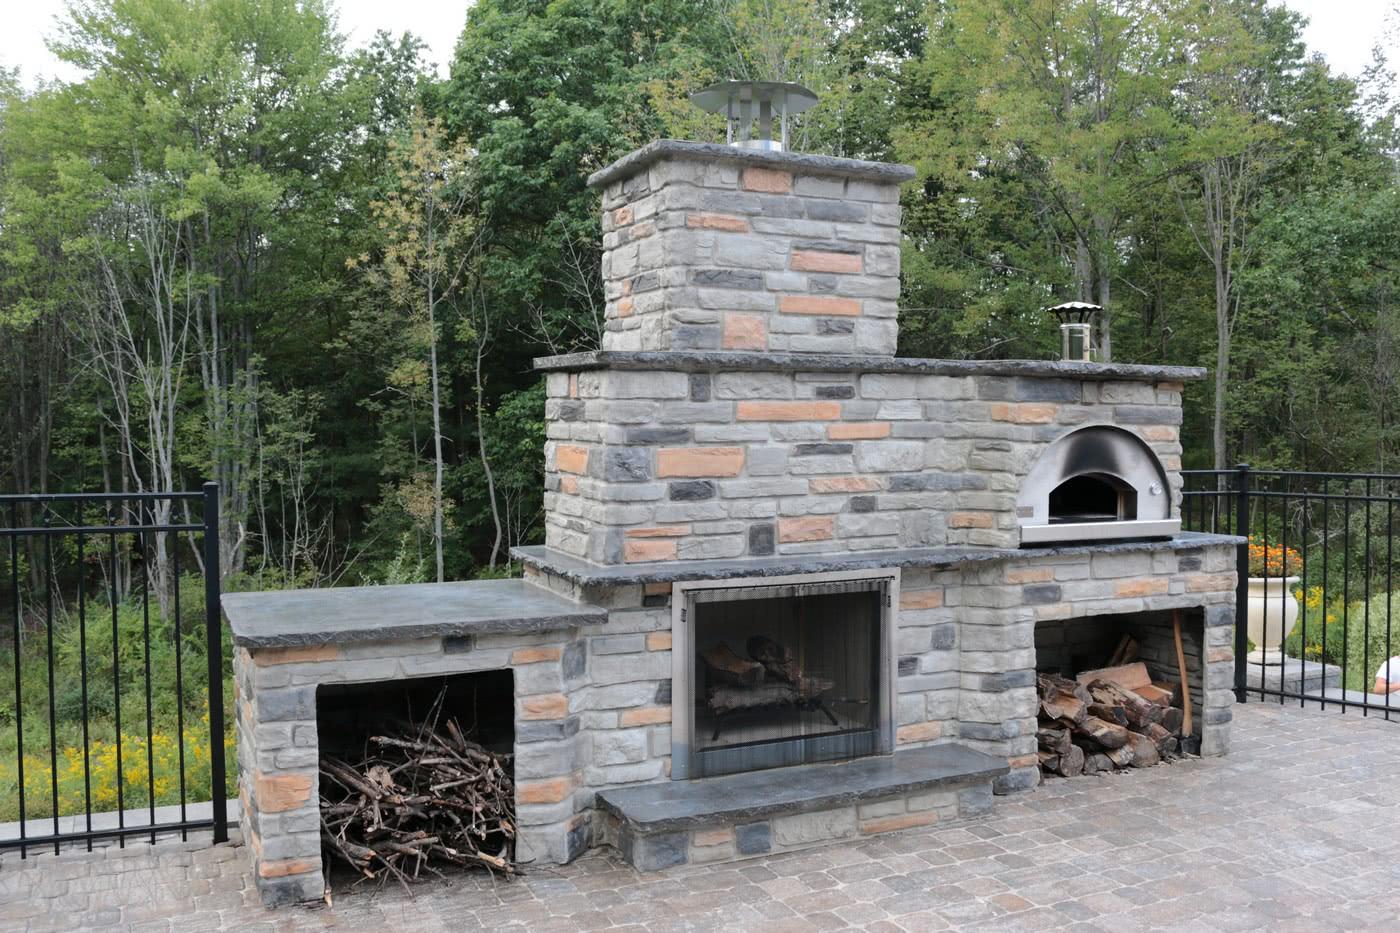 Outdoor Pizza Ovens - Fontana Forni Italian Built Pizza ... on Outdoor Patio With Pizza Oven id=47082